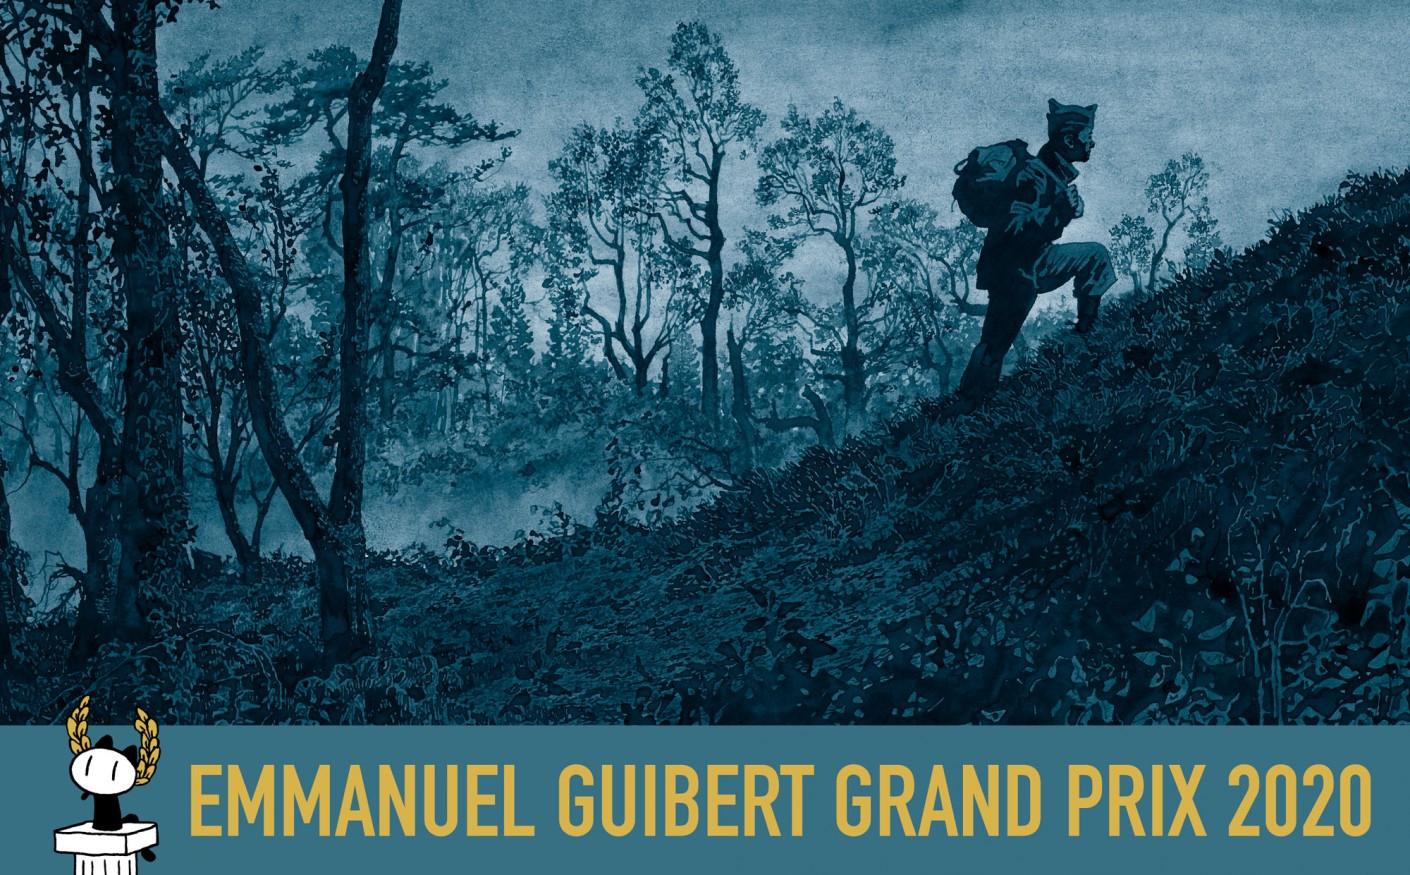 Emmanuel Guibert récompensé par le Grand Prix du festival bd d'Angoulême 2020